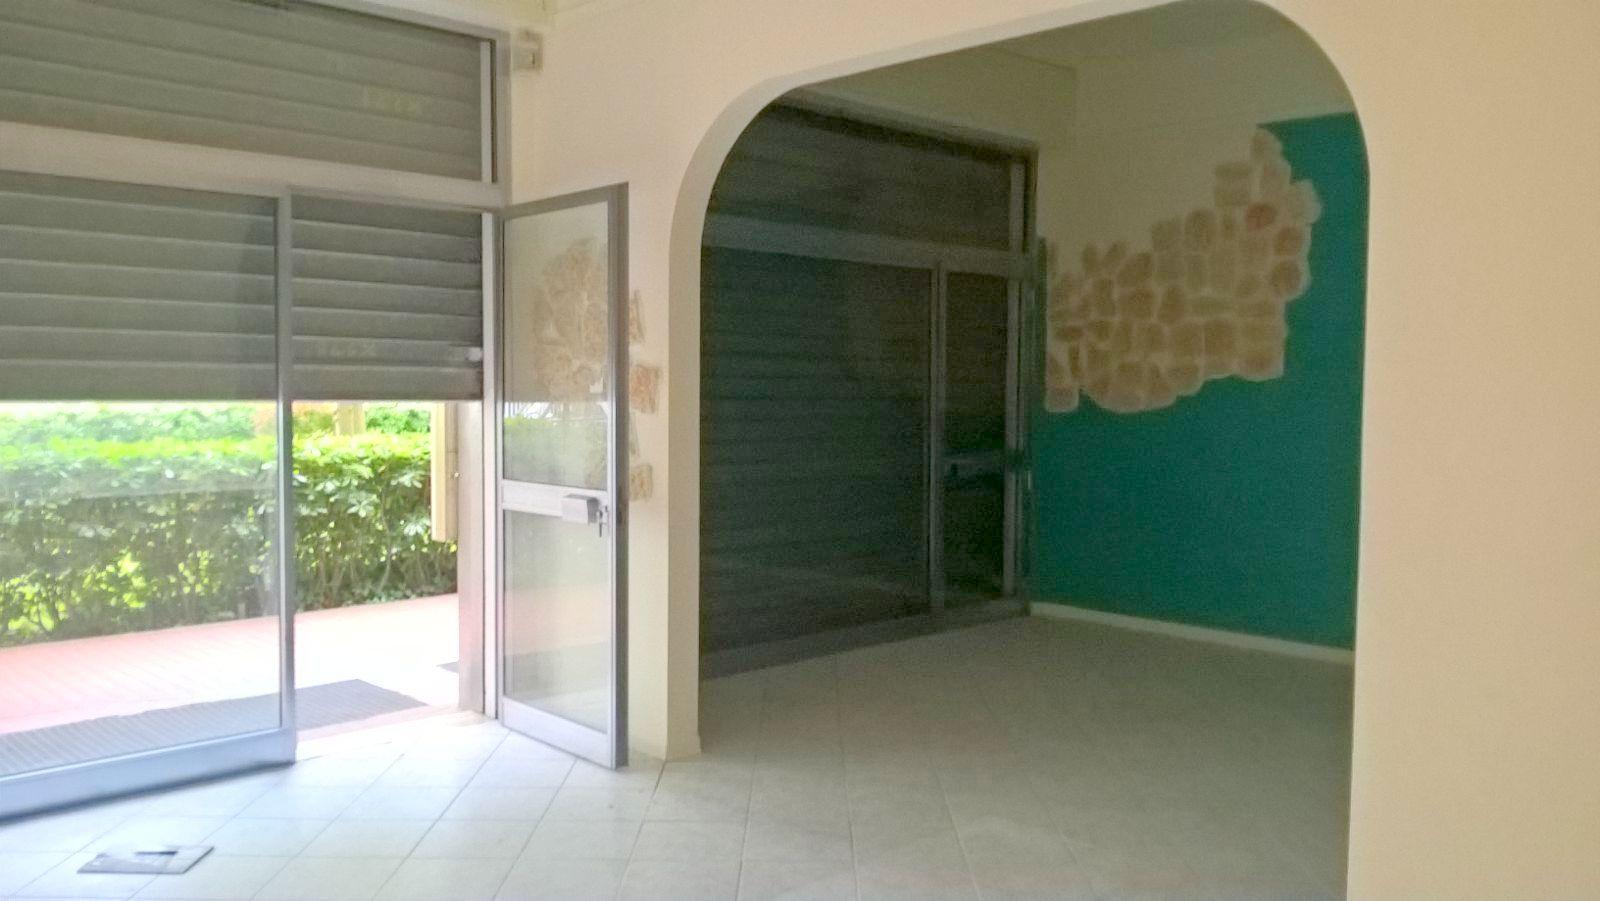 Negozio / Locale in vendita a Riccione, 9999 locali, zona Località: ABISSINIA, prezzo € 145.000 | CambioCasa.it